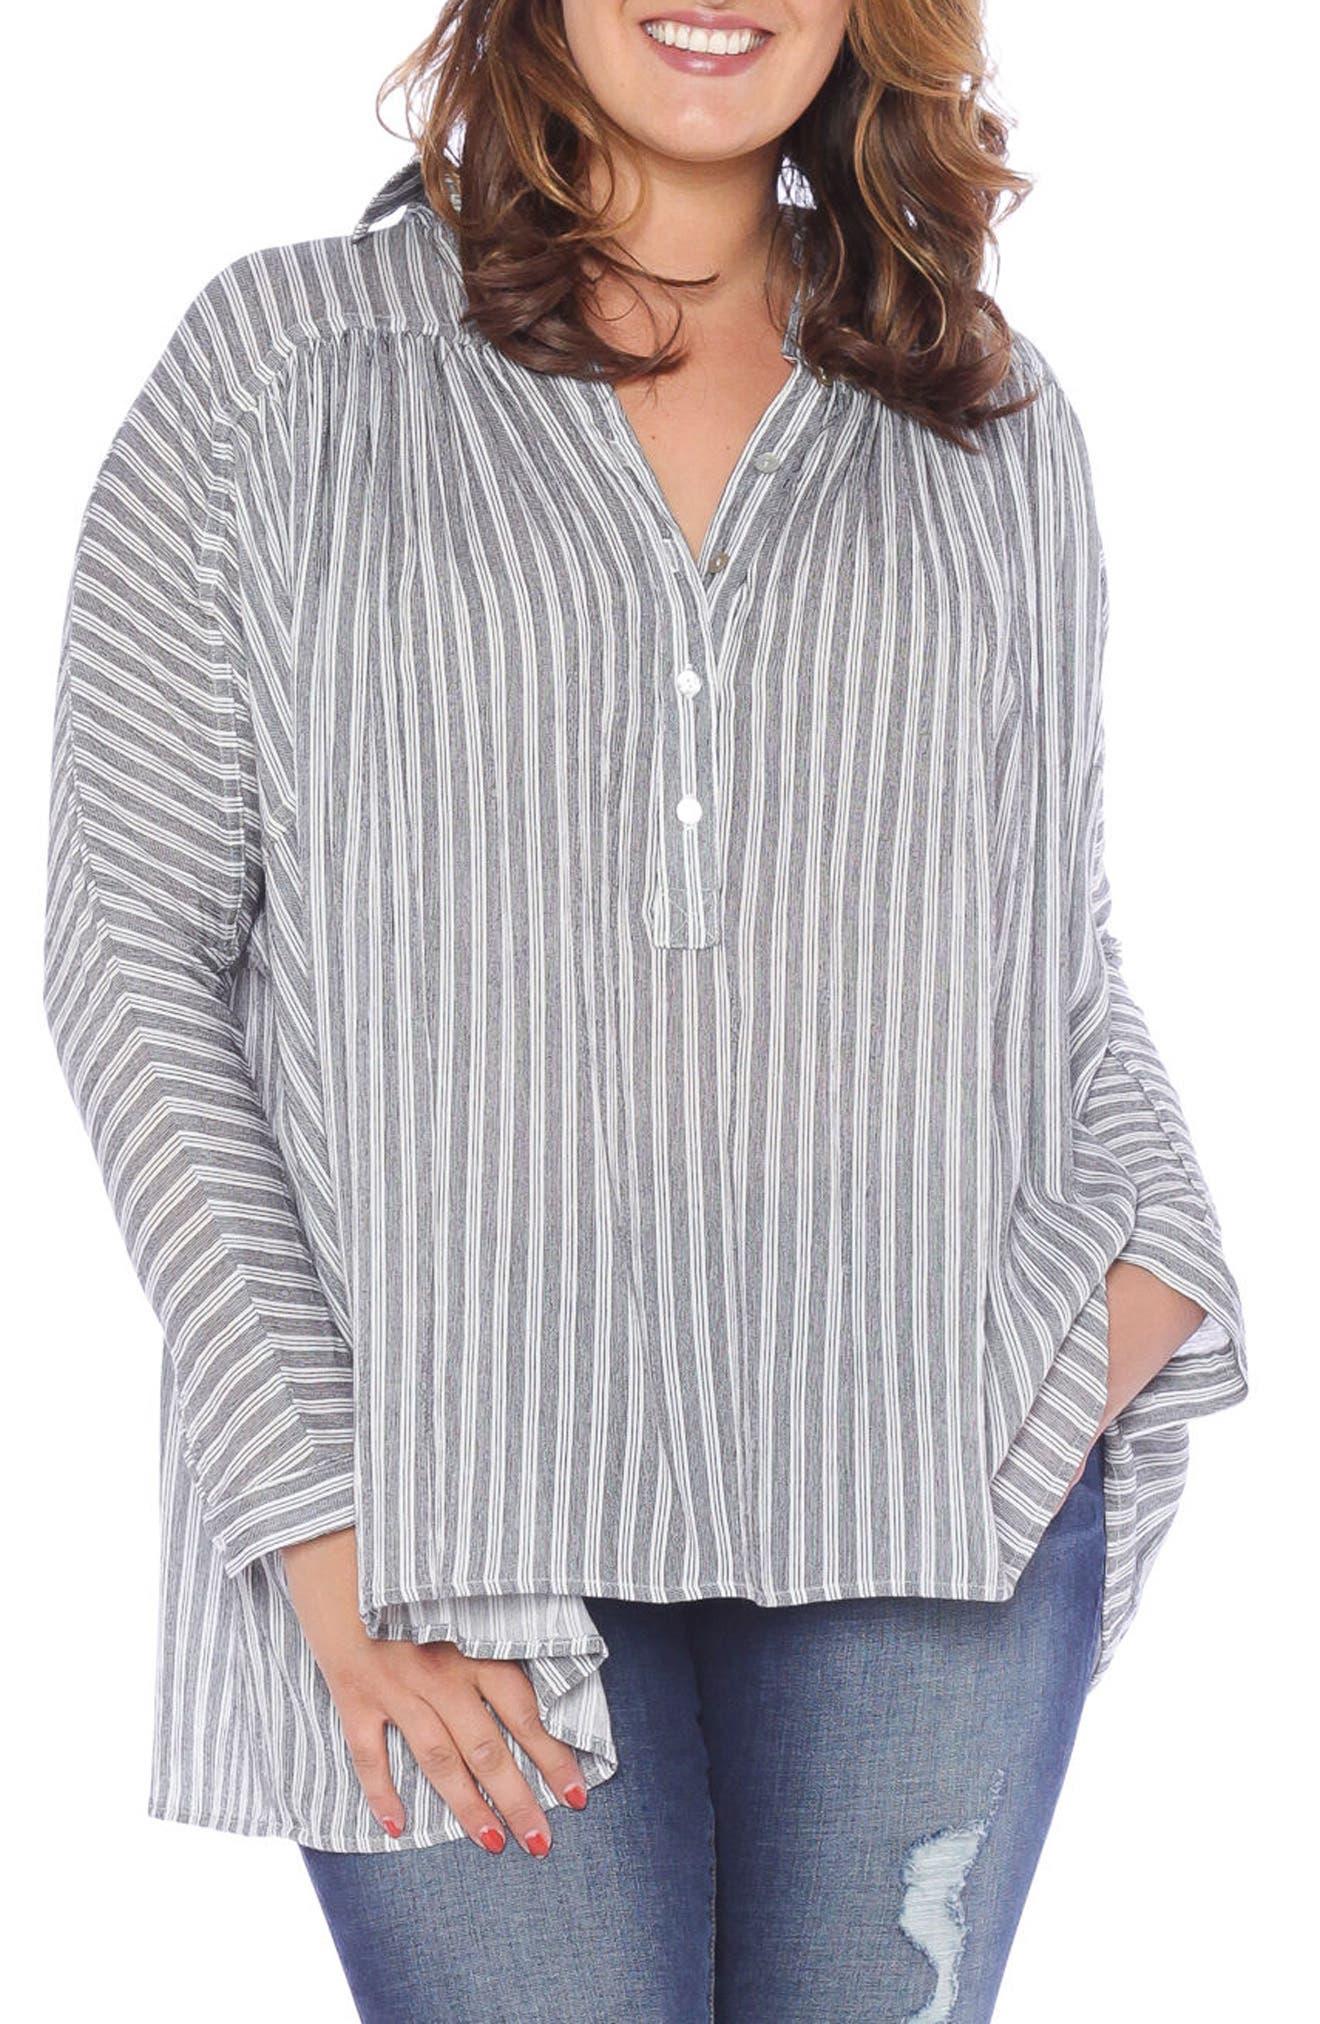 Slink Plus Size Women's Stripe Babydoll High/low Top kpU4k